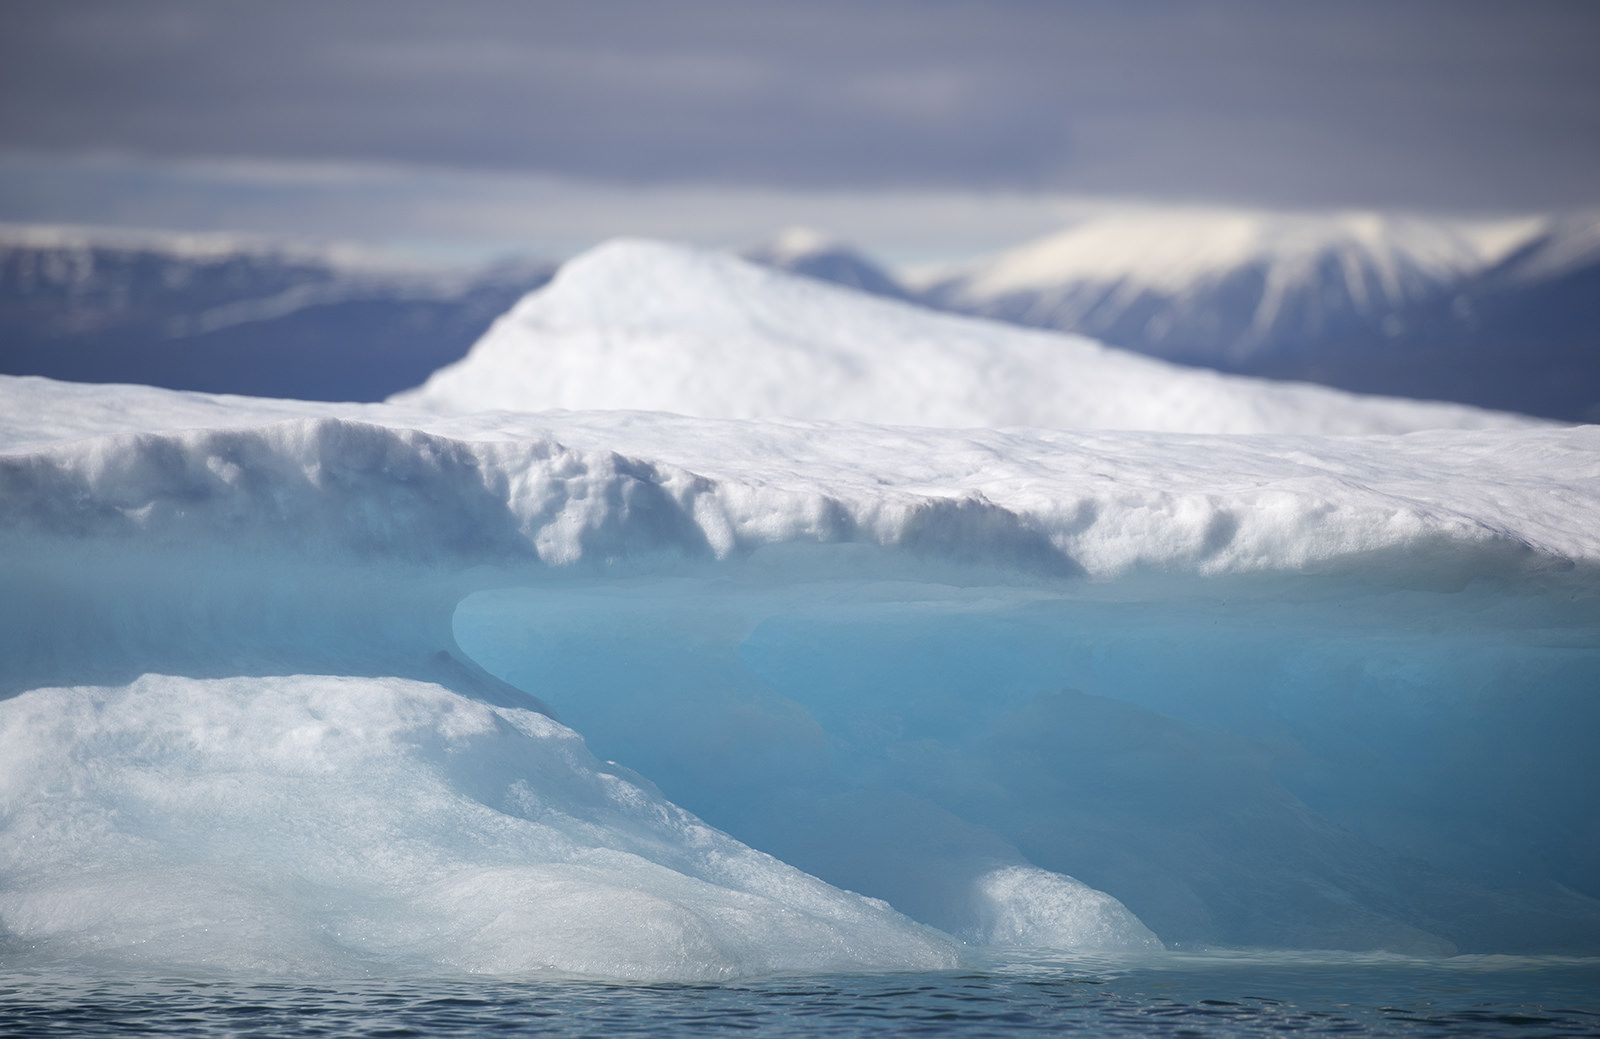 Baffin Island, Nunavut, Canada. Baffin island, Pond